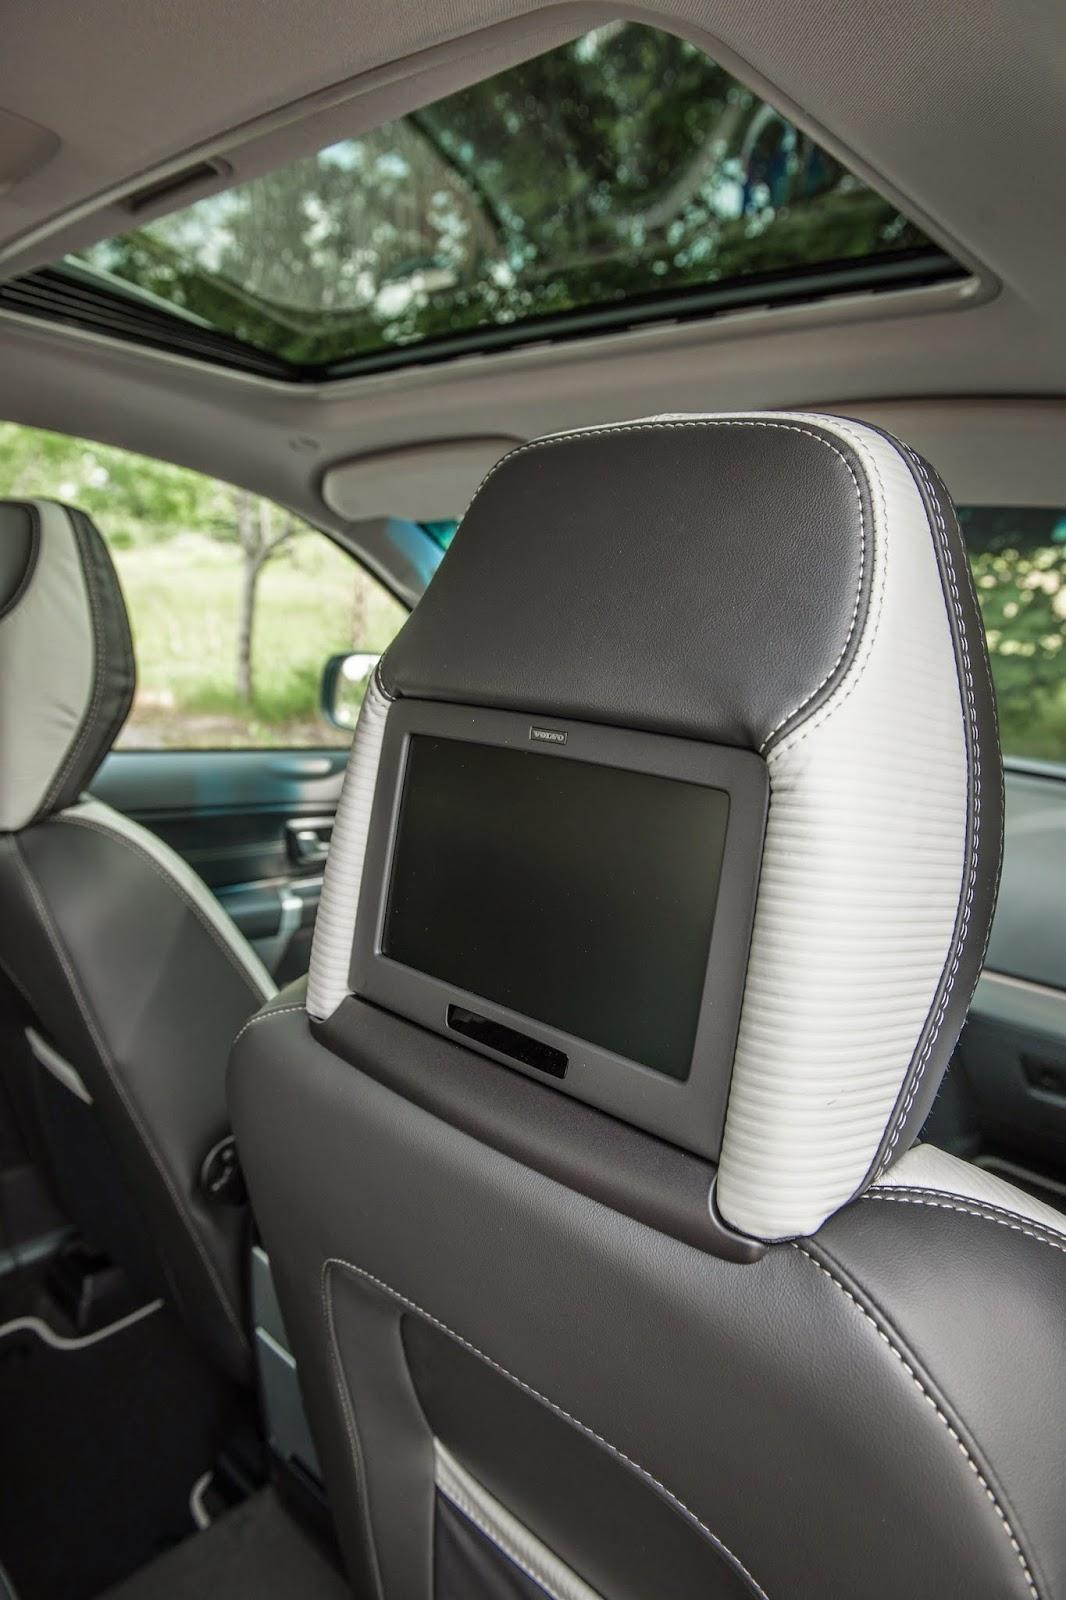 O sistema virtualmente livre de bot es e representa uma forma completamente nova para os condutores interagirem com o carro e acessarem uma gama de